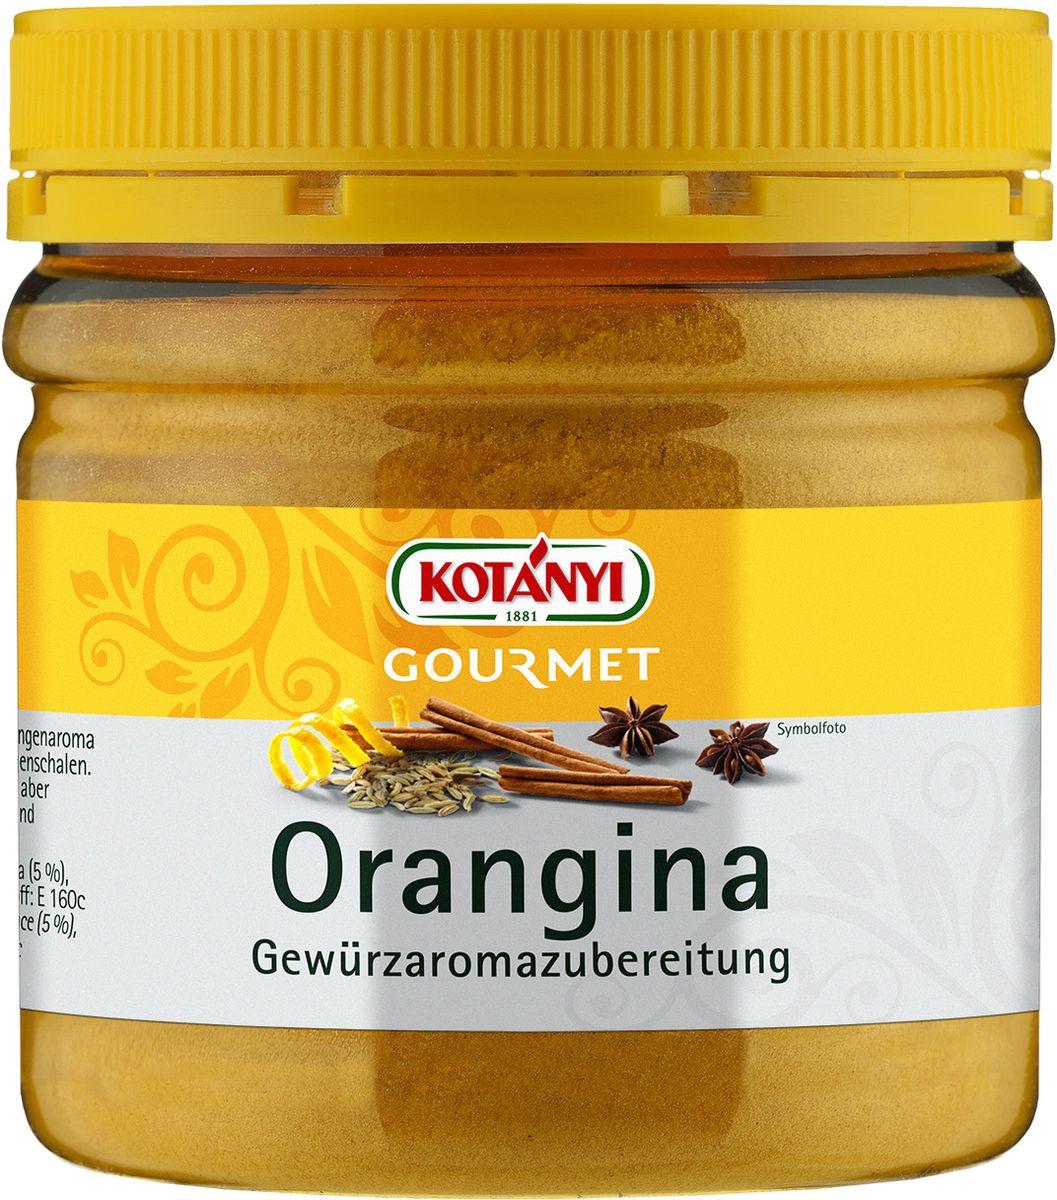 Kotanyi Приправа с ароматом апельсина, 170 г kotanyi приправа томаты & оливки 20 г